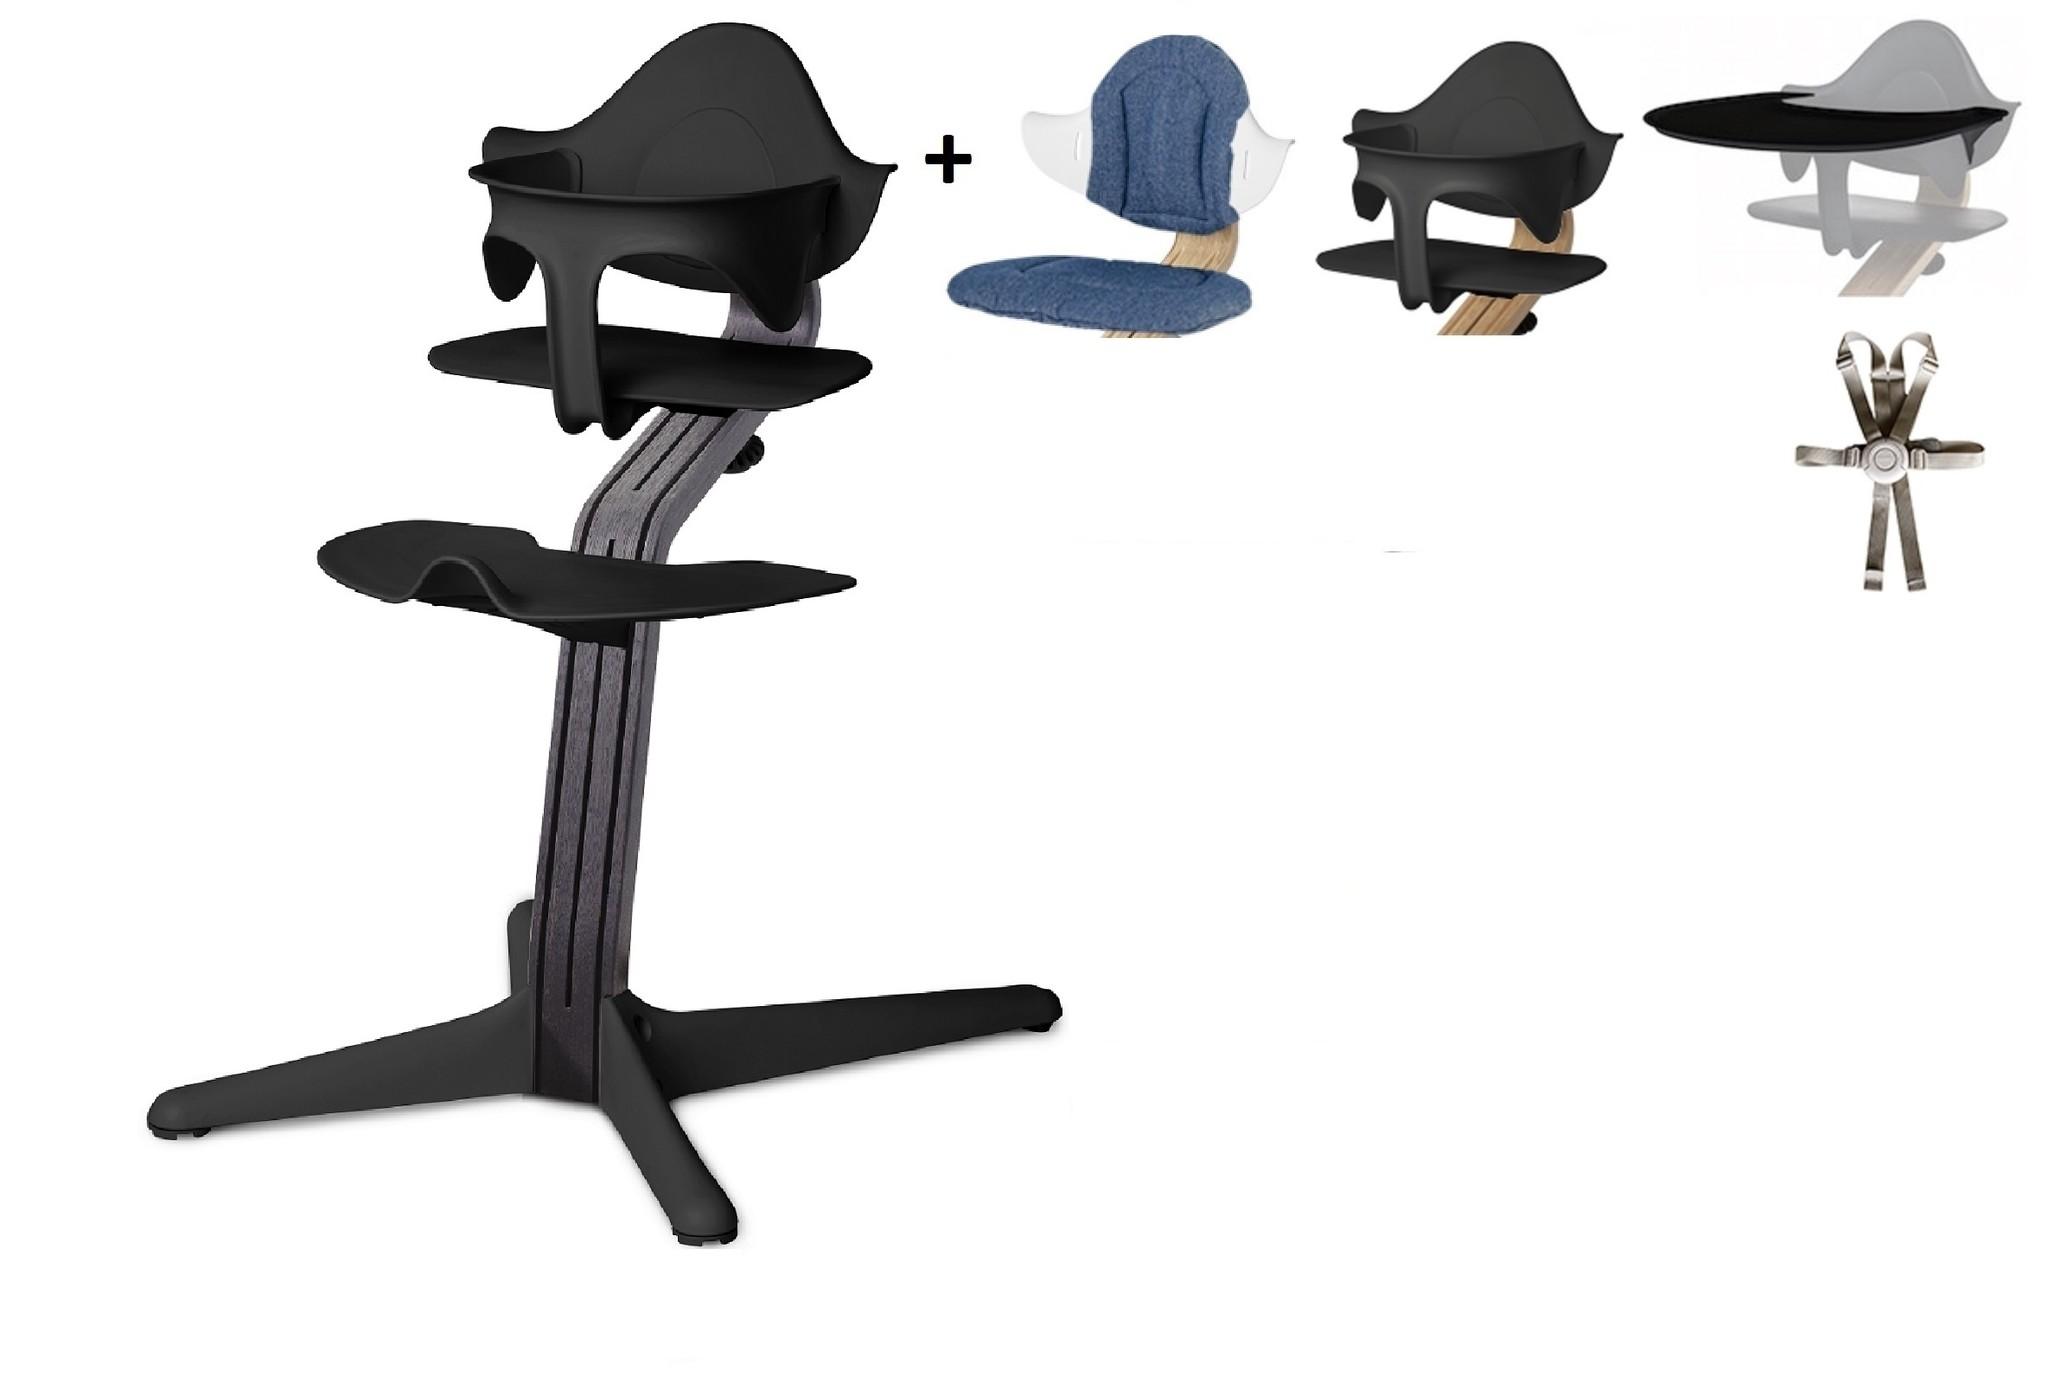 NOMI highchair Ideale set vanaf 6 maanden Basis eiken zwart stained en stoel zwart